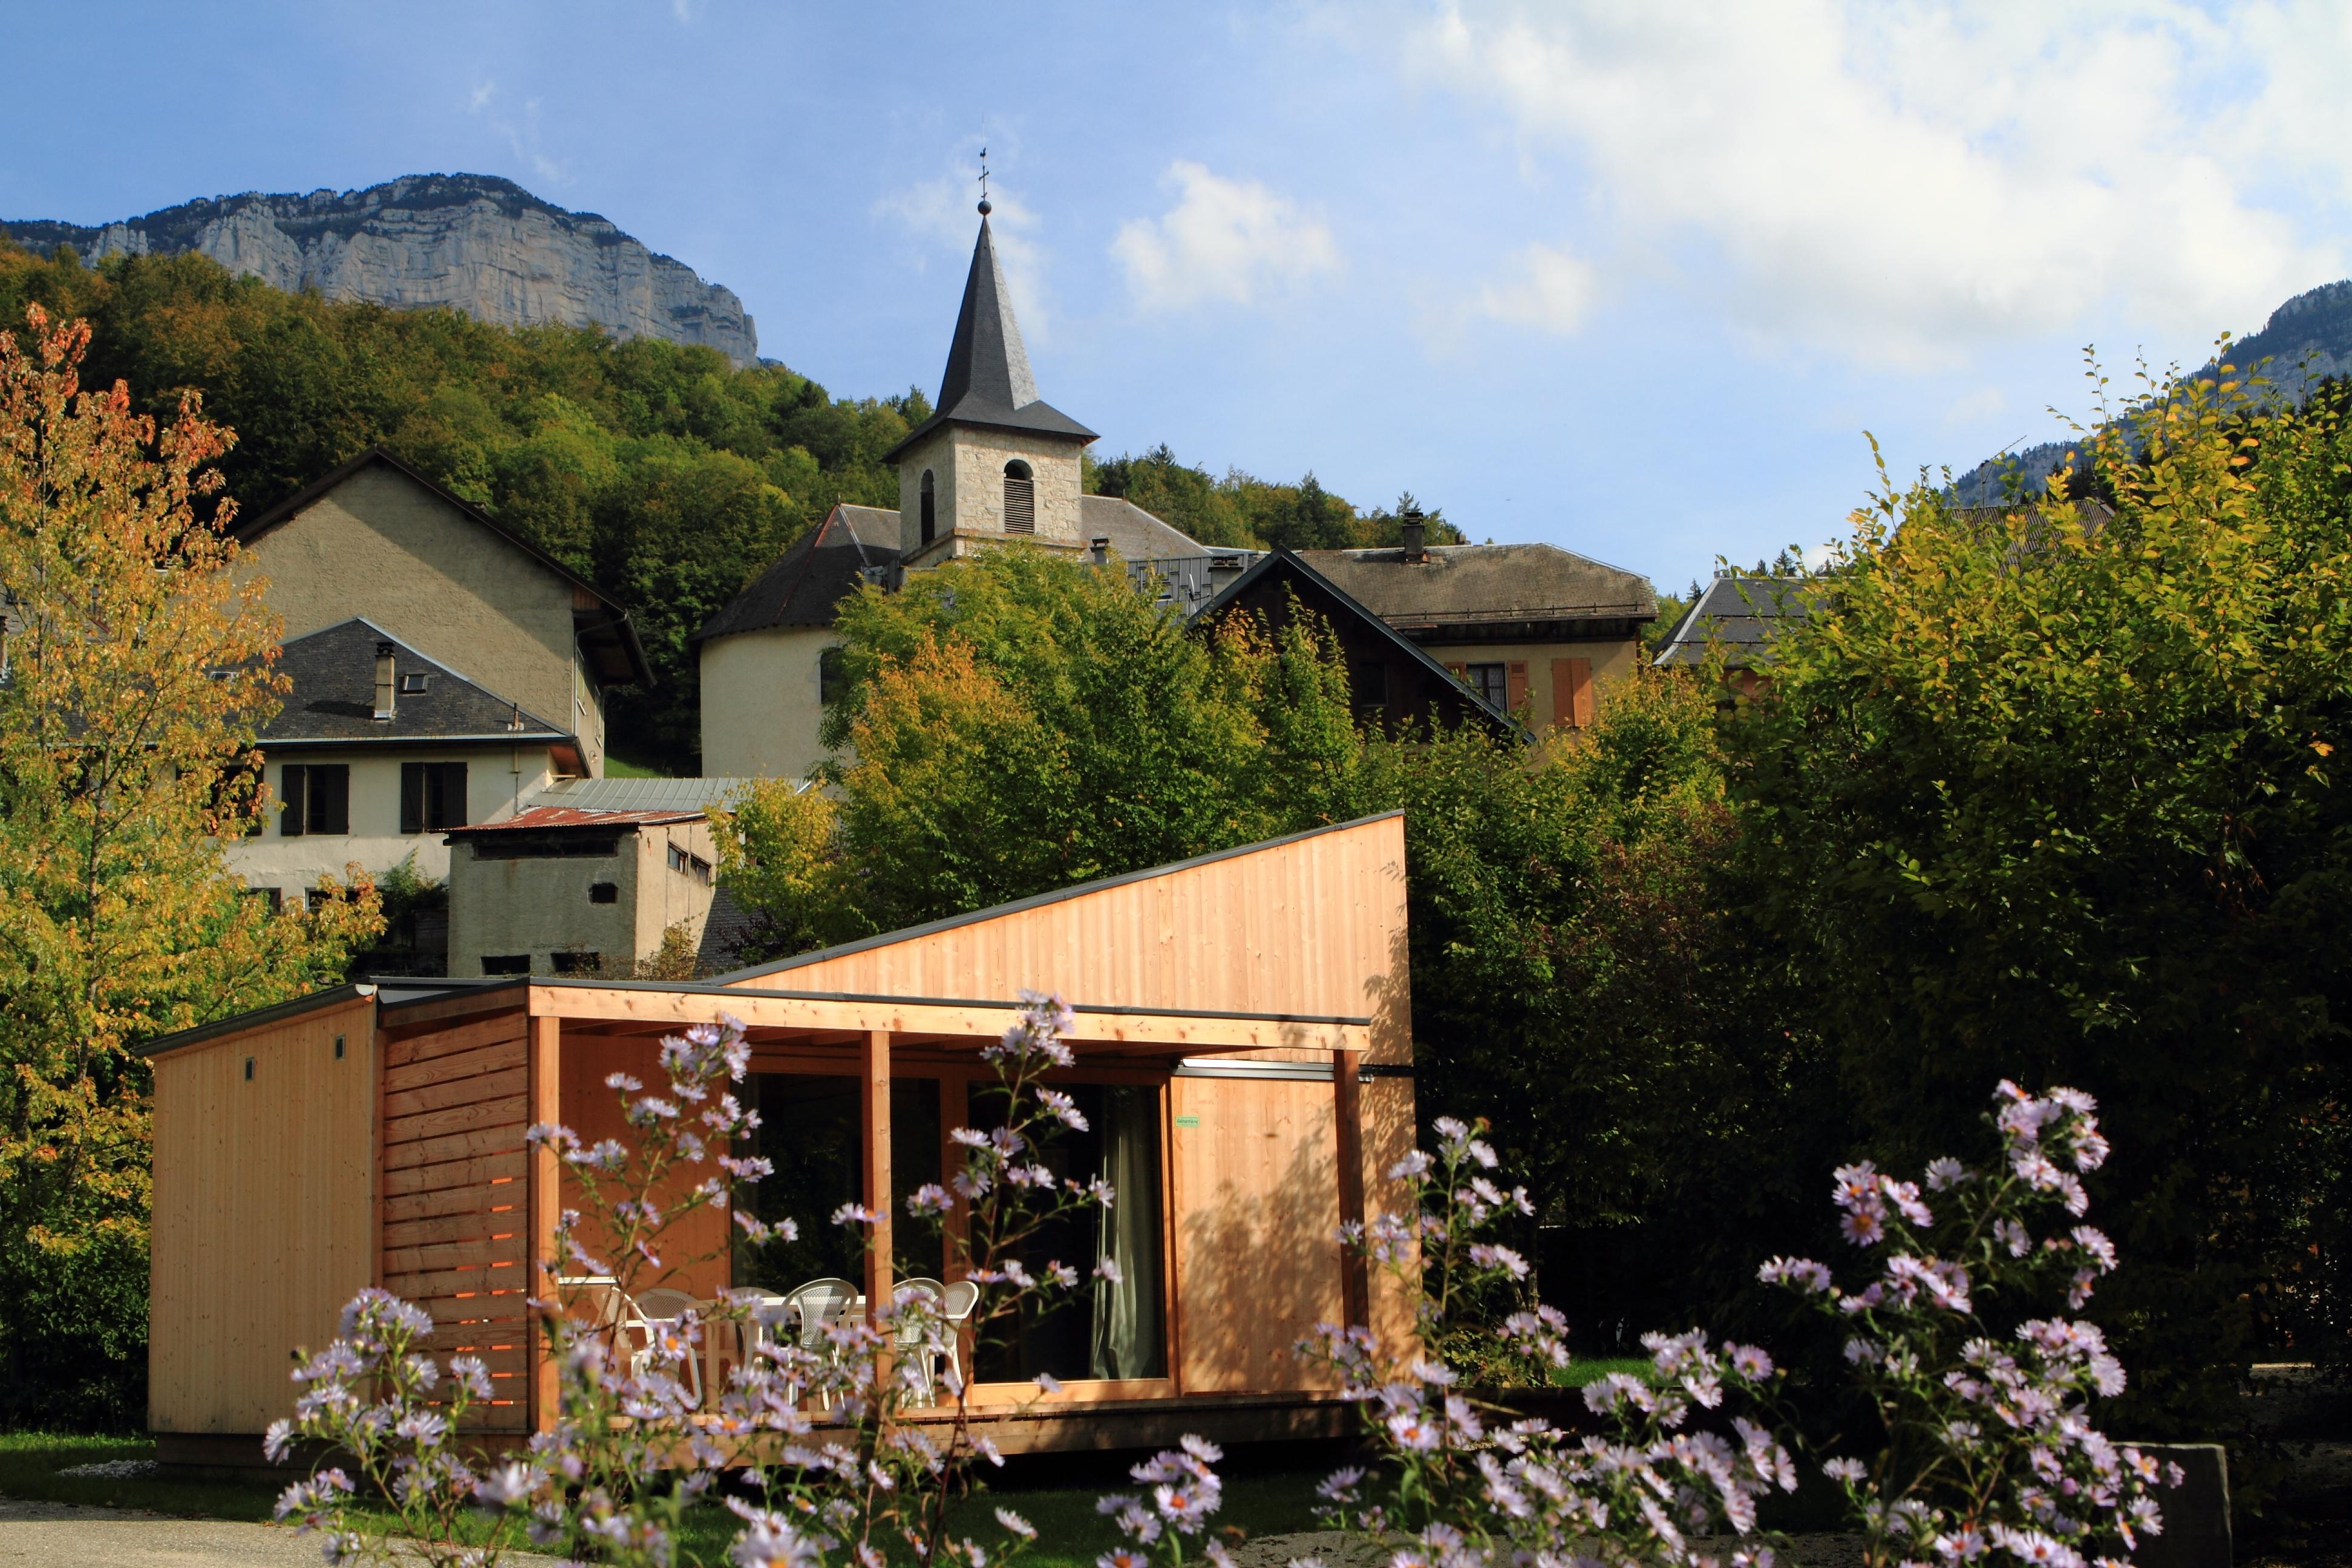 Réalisation en Bois de Chartreuse - HLL en bois massif